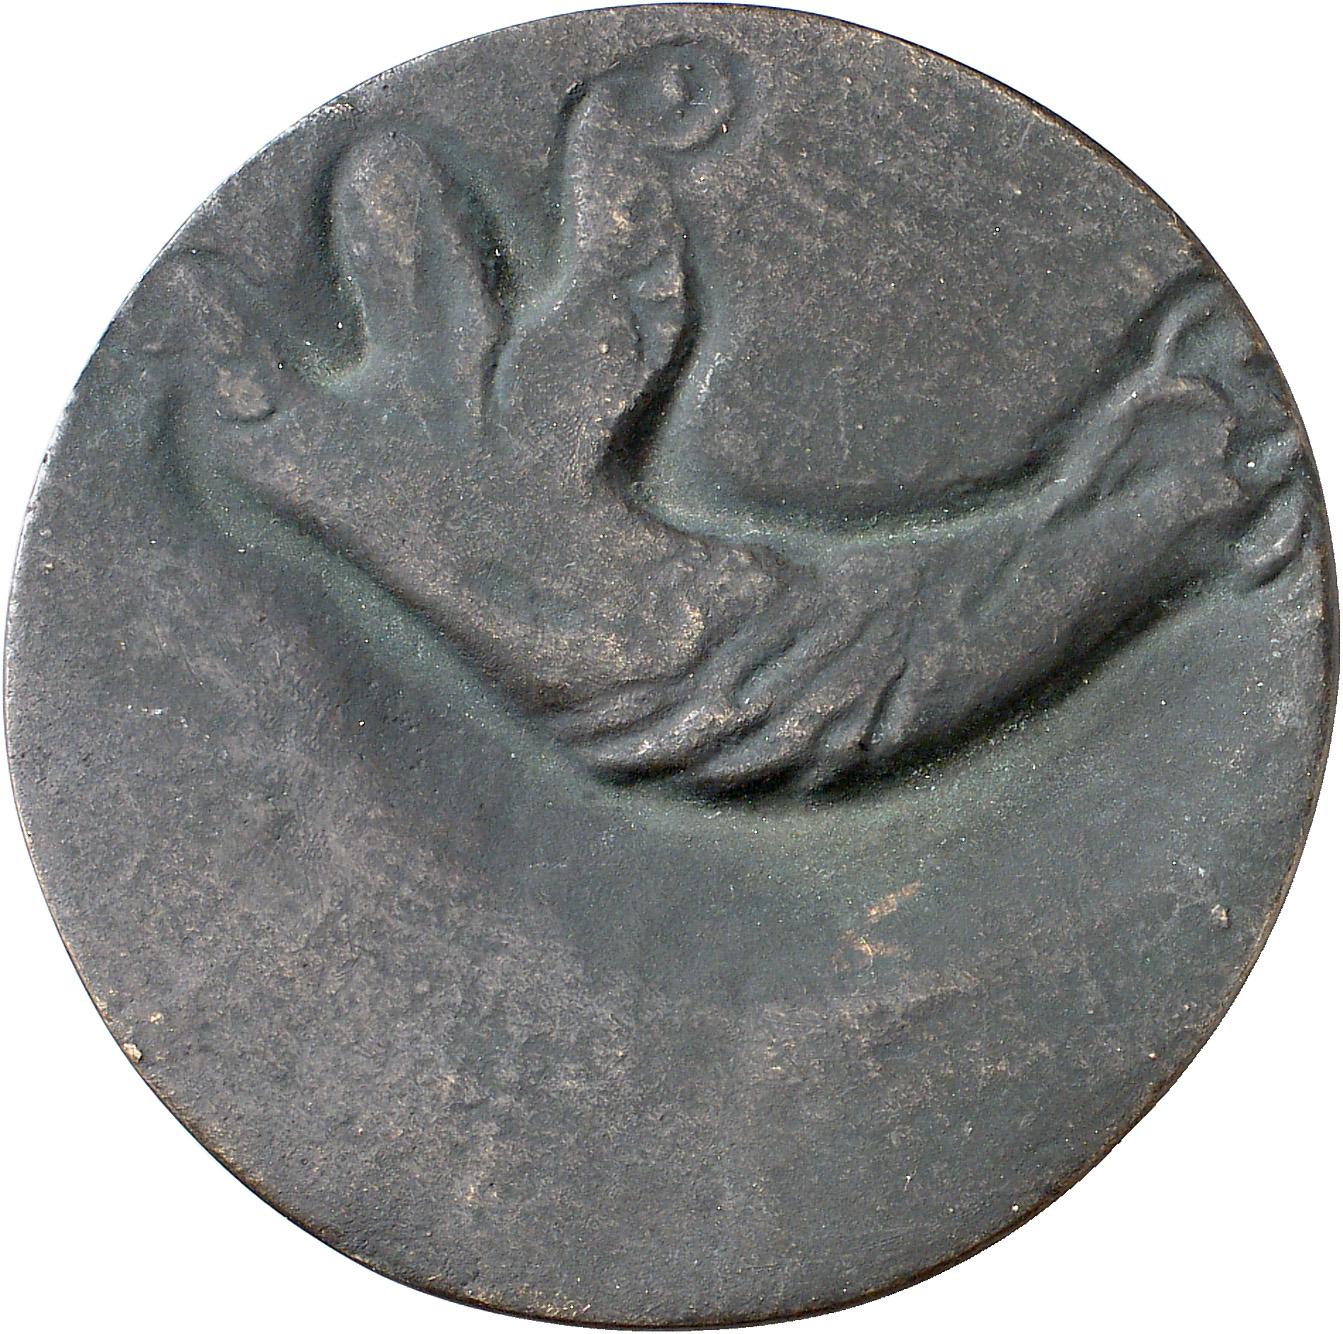 Meine, Leonhard: Preismedaille 1928